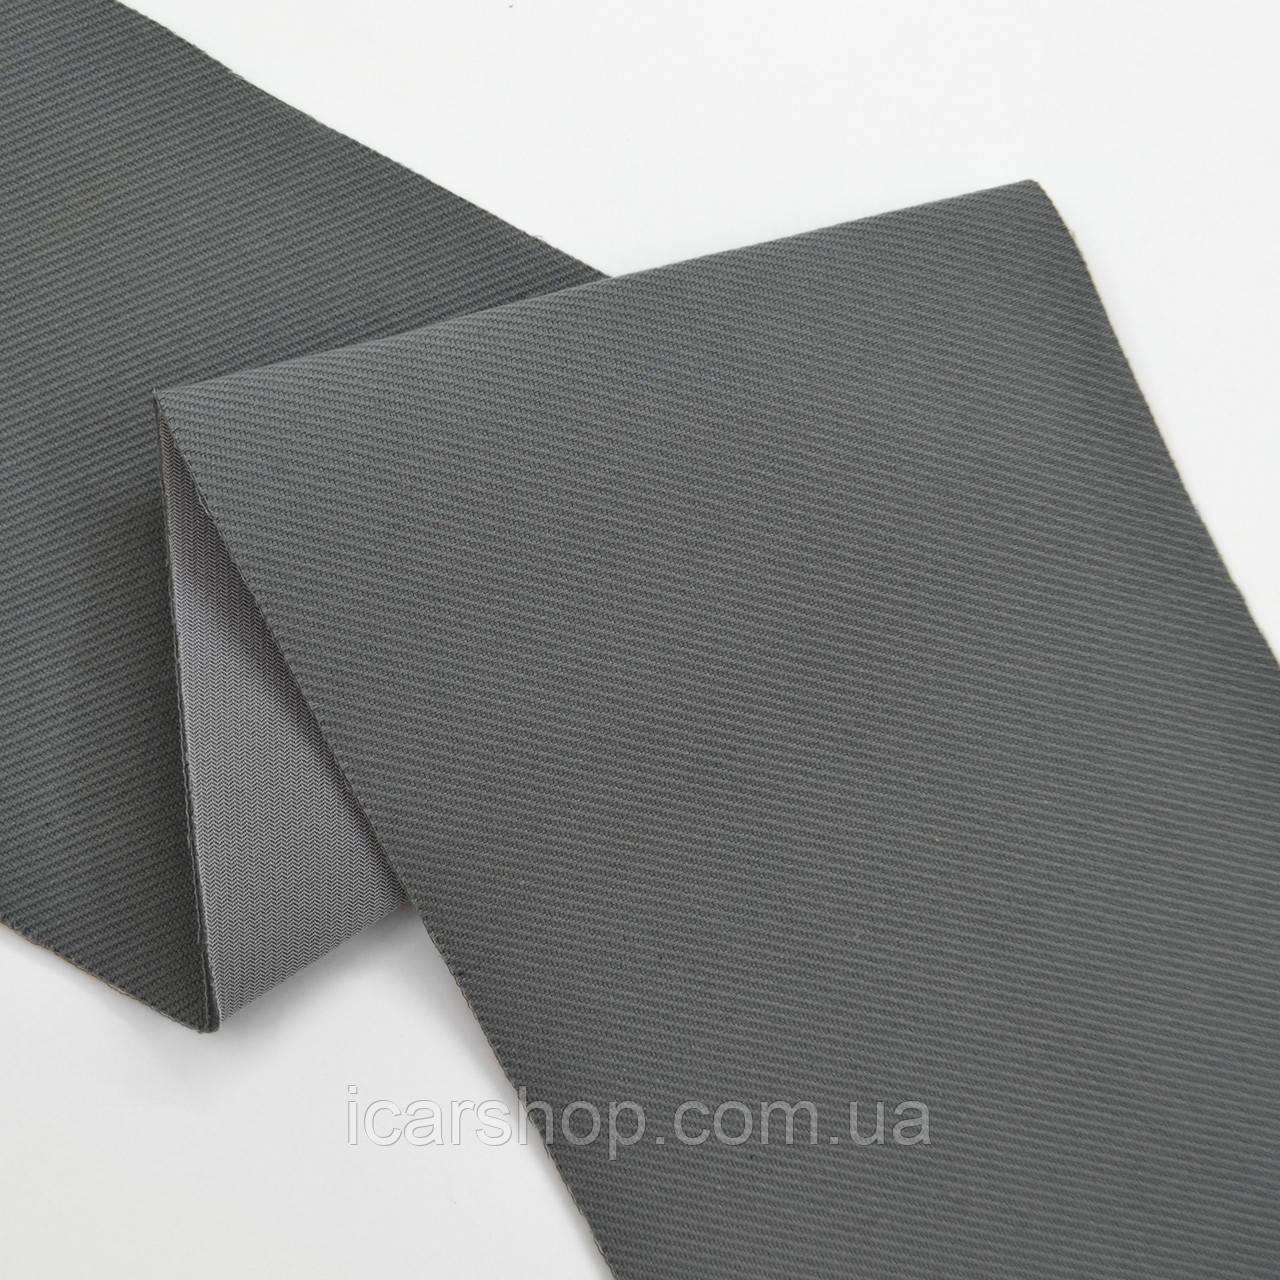 Ткань 217 (1,5м) / Серый / На поролоне 3мм